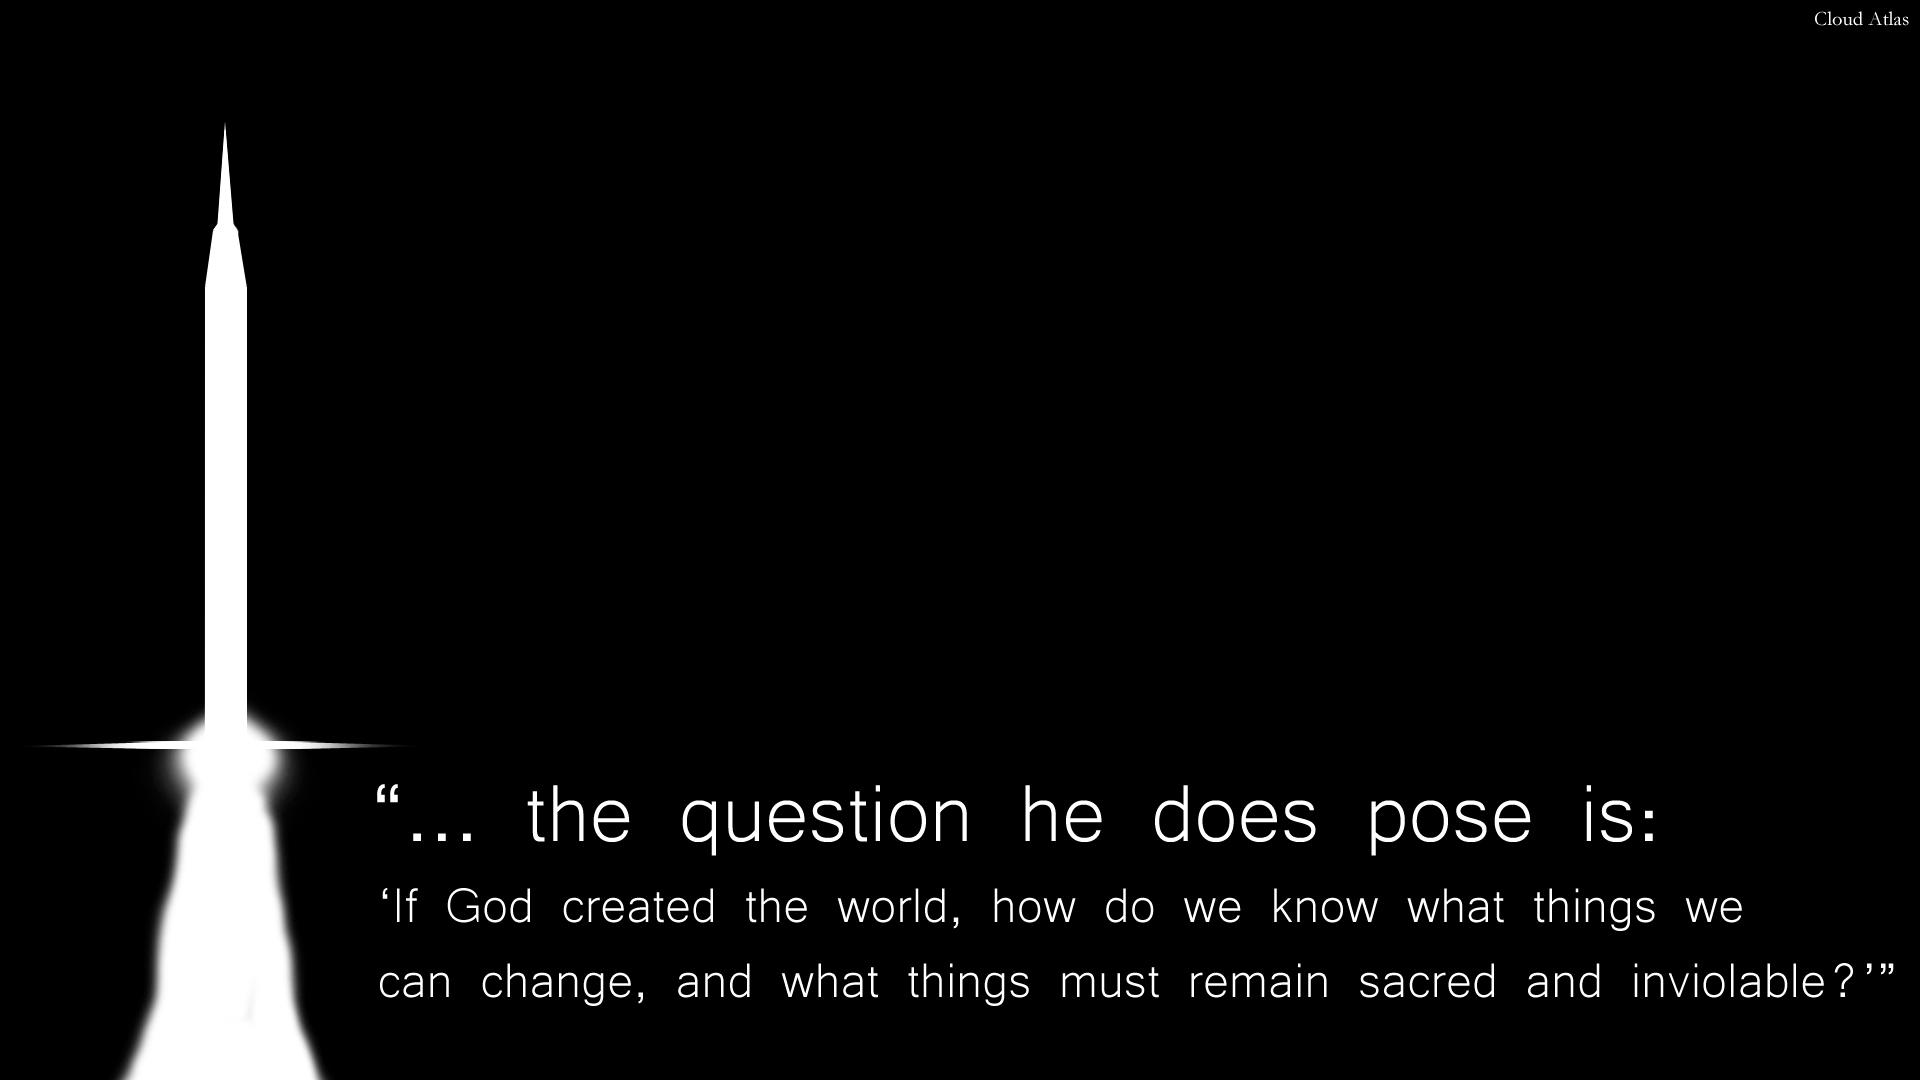 La question qu'il nous pose est:Si Dieu a créé le monde, comment savons-nous ce que nous pouvons changer, et les choses qui doivent rester sacrées et inviolables